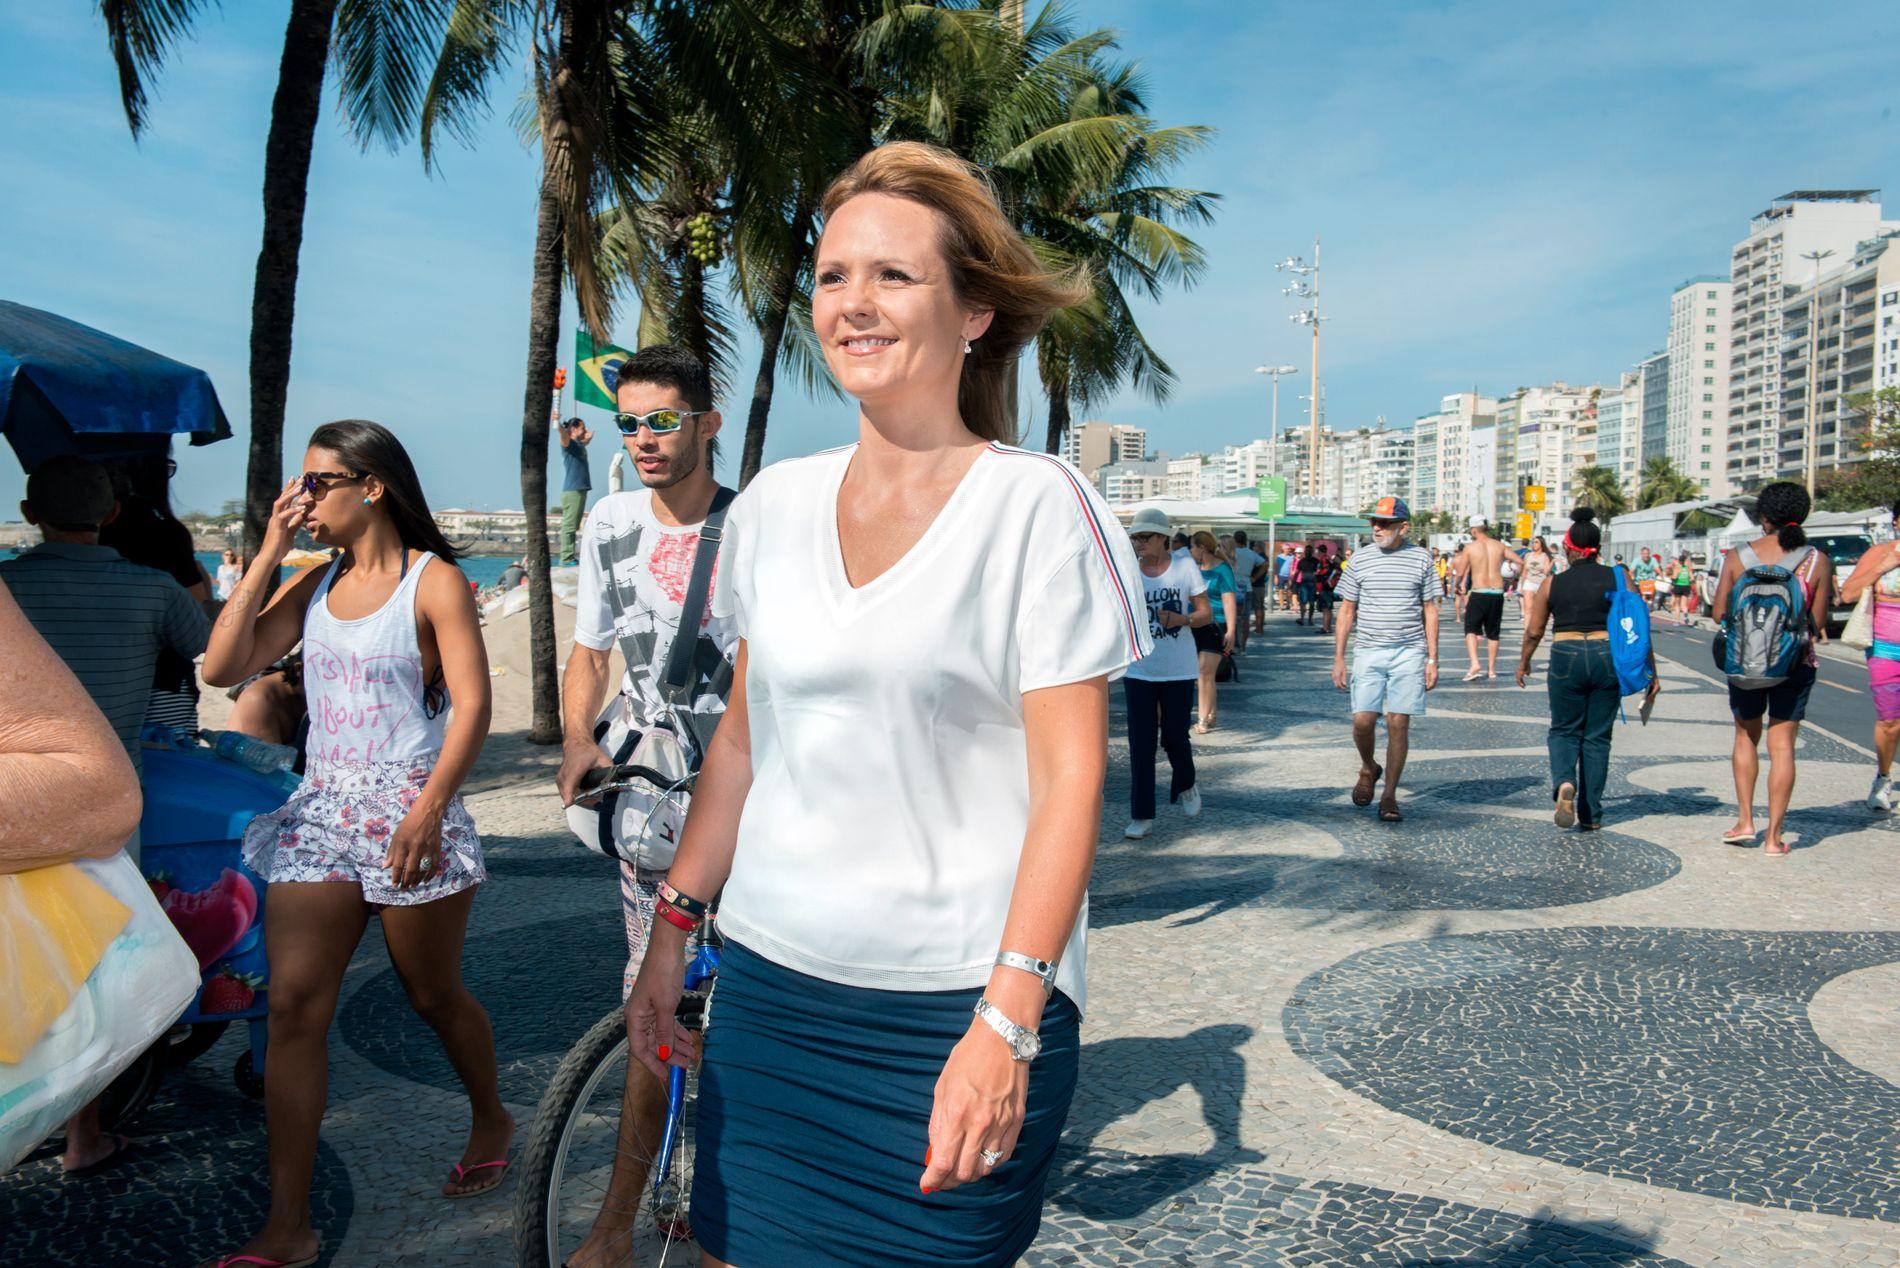 Kulturminister Linda Hofstad Helleland langs Copacabana i Rio. Hun er der for blant annet å følge opp IOCs kvinneprosjekt, som hun leder. Målet er å øke kvinneandelen i internasjonal idrett.